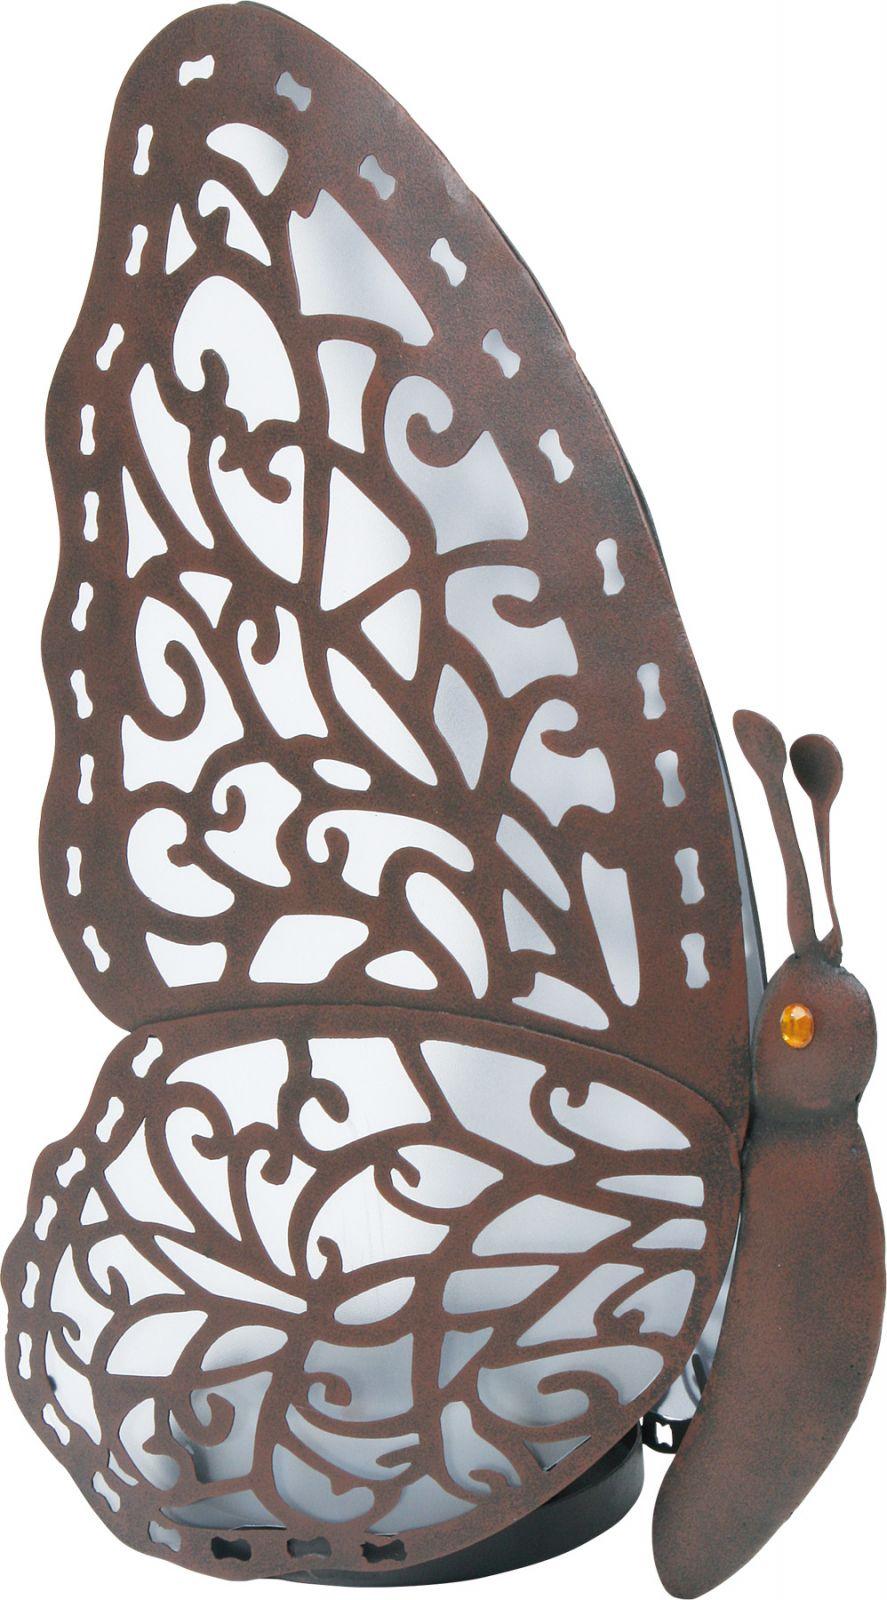 Dřevěné hračky Small Foot Dřevěná motorická deska Pexeso pro ruce - poškozený obal Small foot by Legler